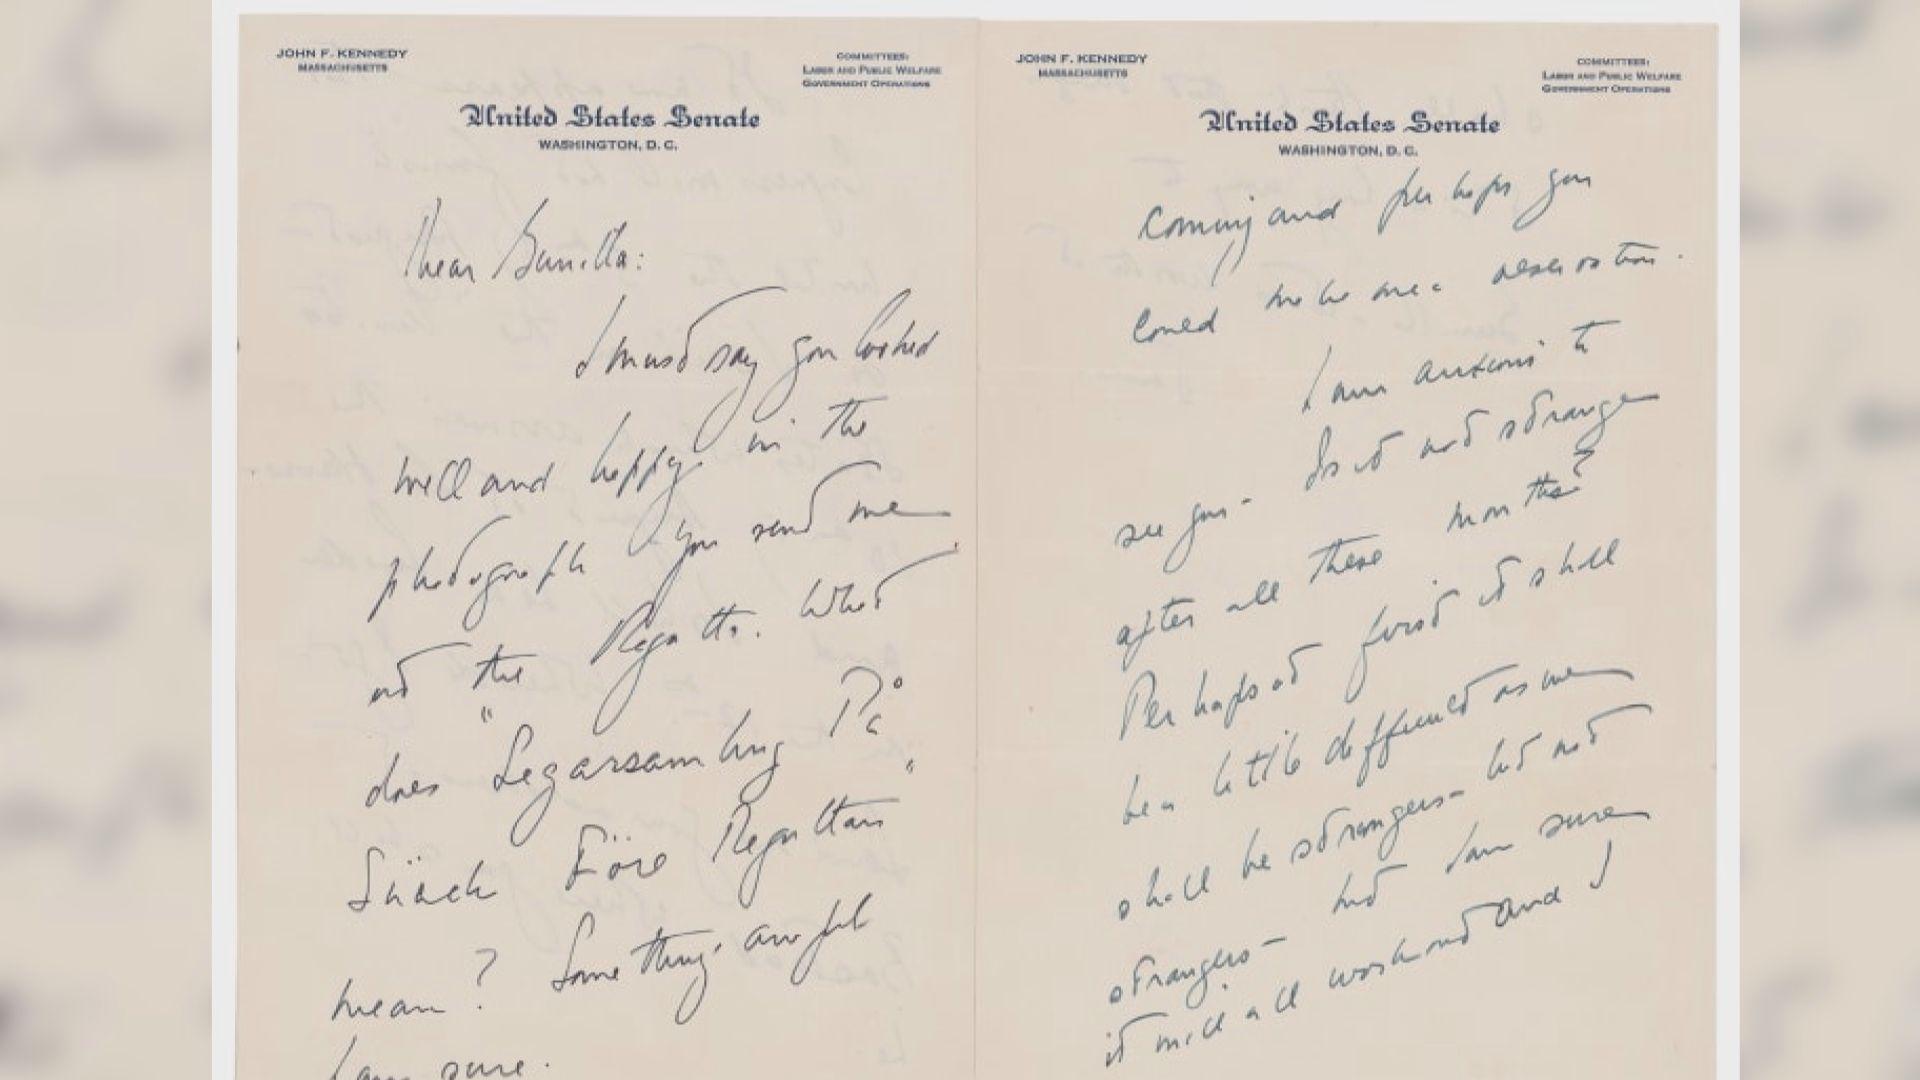 【環球薈報】約翰甘迺迪致情婦手寫情書被拍賣 料得逾三萬美元